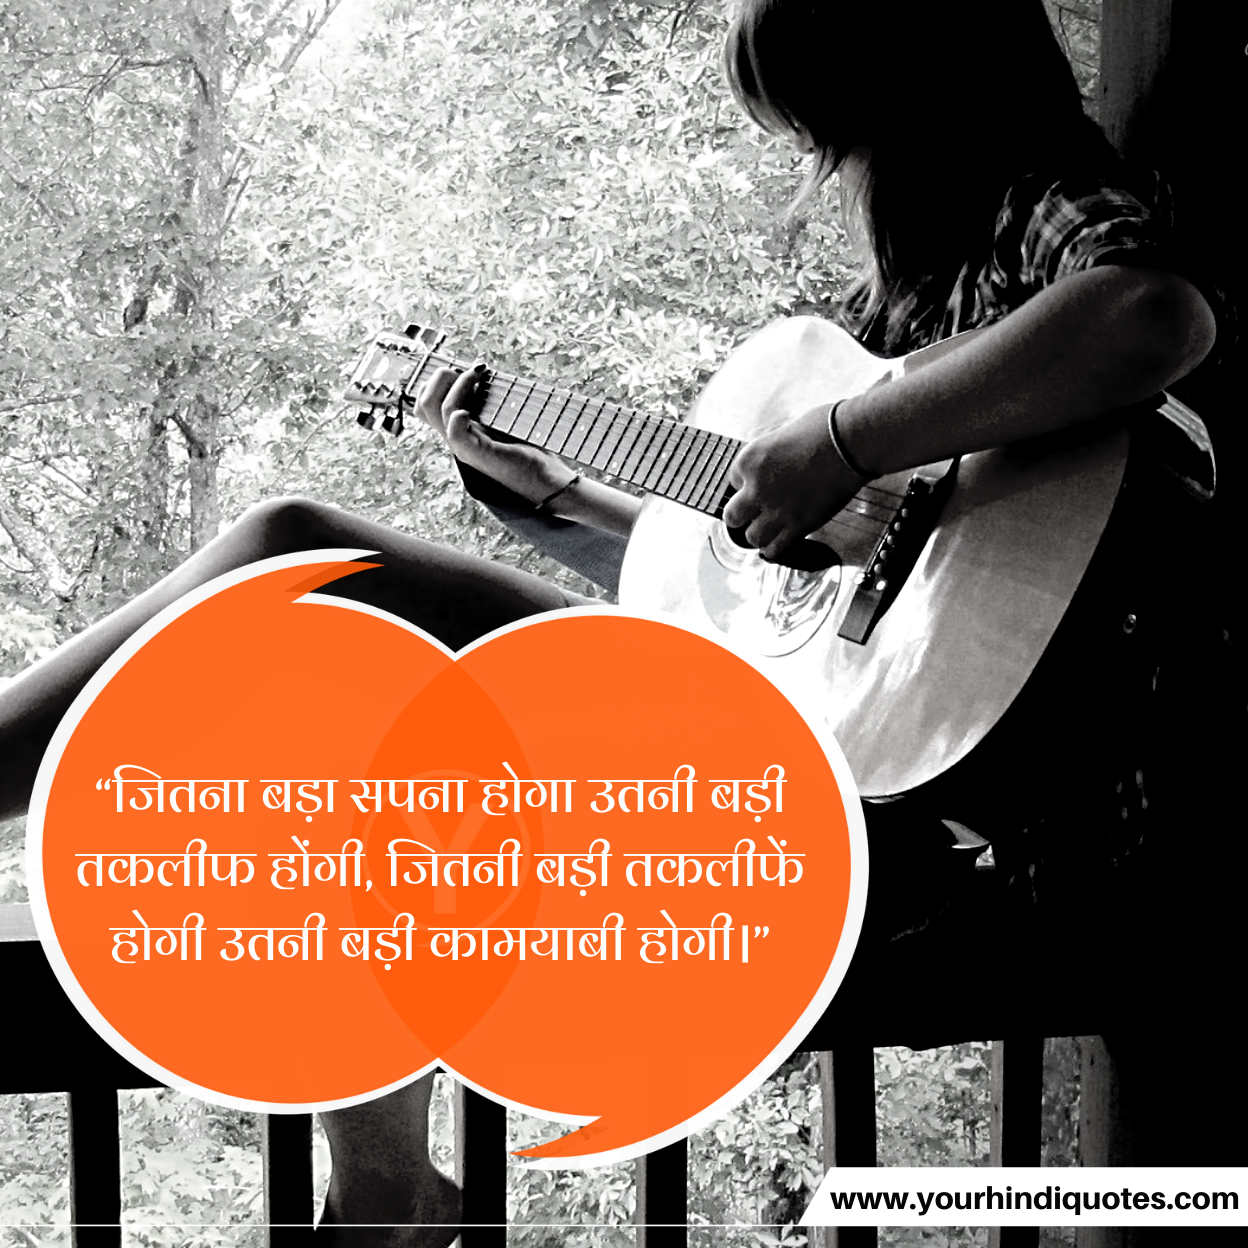 Hindi Good Morning Shayari Wallpapers